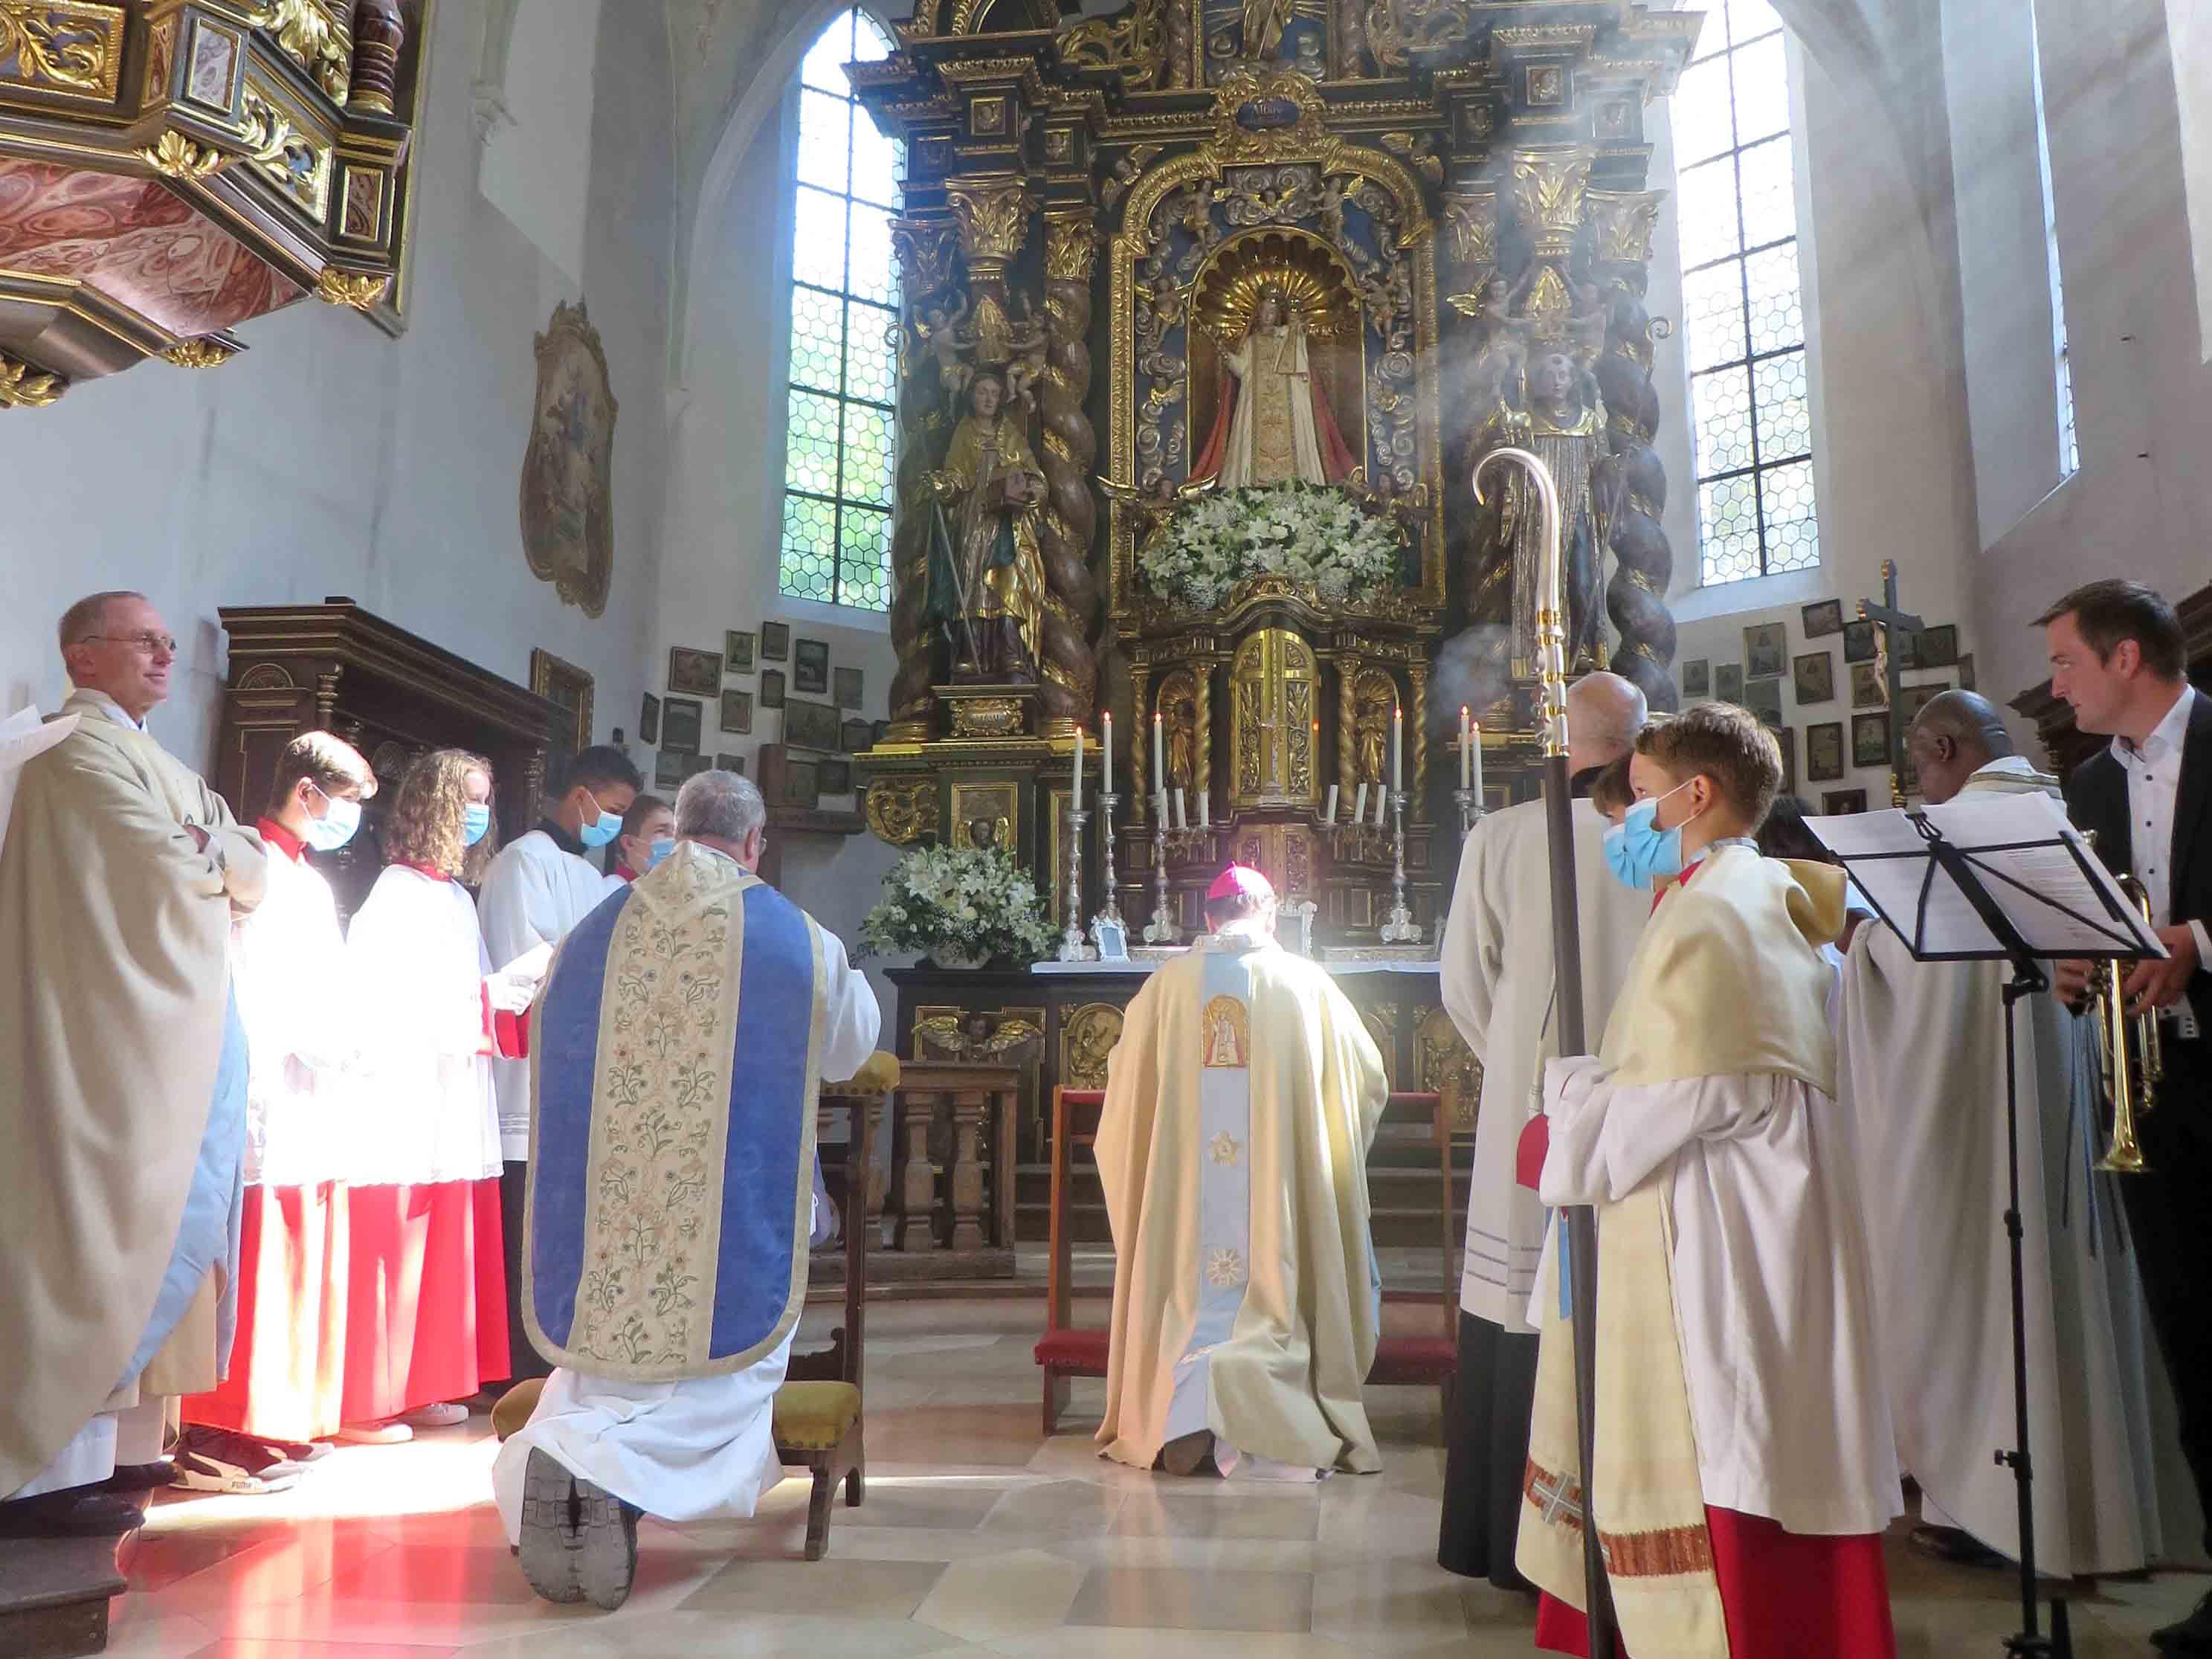 Bischof Bertram spricht anlässlich des Jubiläums das Weihegebet des Bistums an die Gottesmutter. (Fotos: Viktoria Zäch / pba)